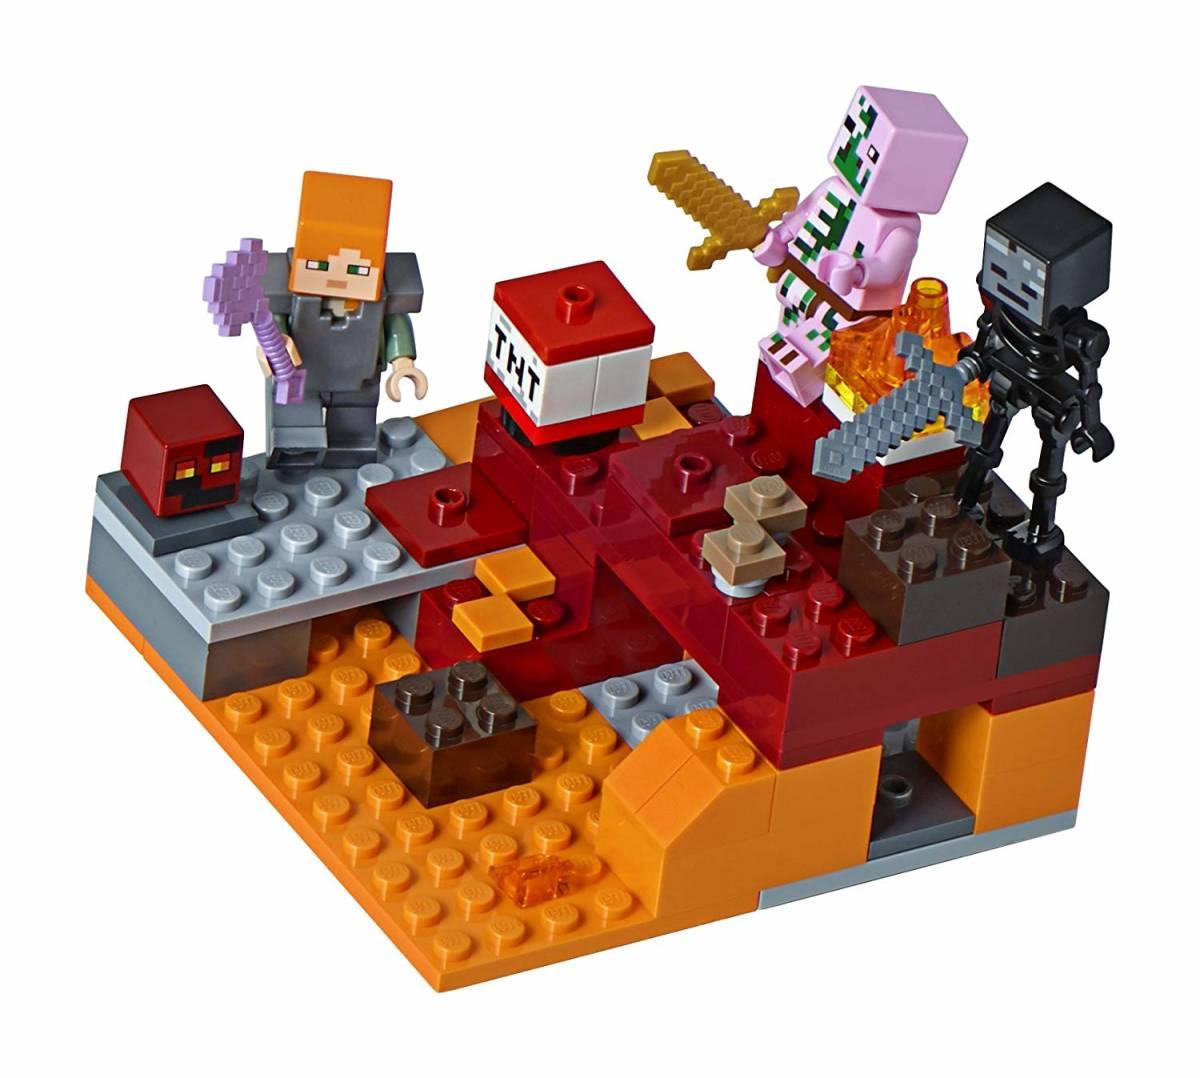 正規品 レゴ マインクラフト 暗黒界の戦い 21139 ネザー LEGO ミニフィグ ミニフィギュア_画像4